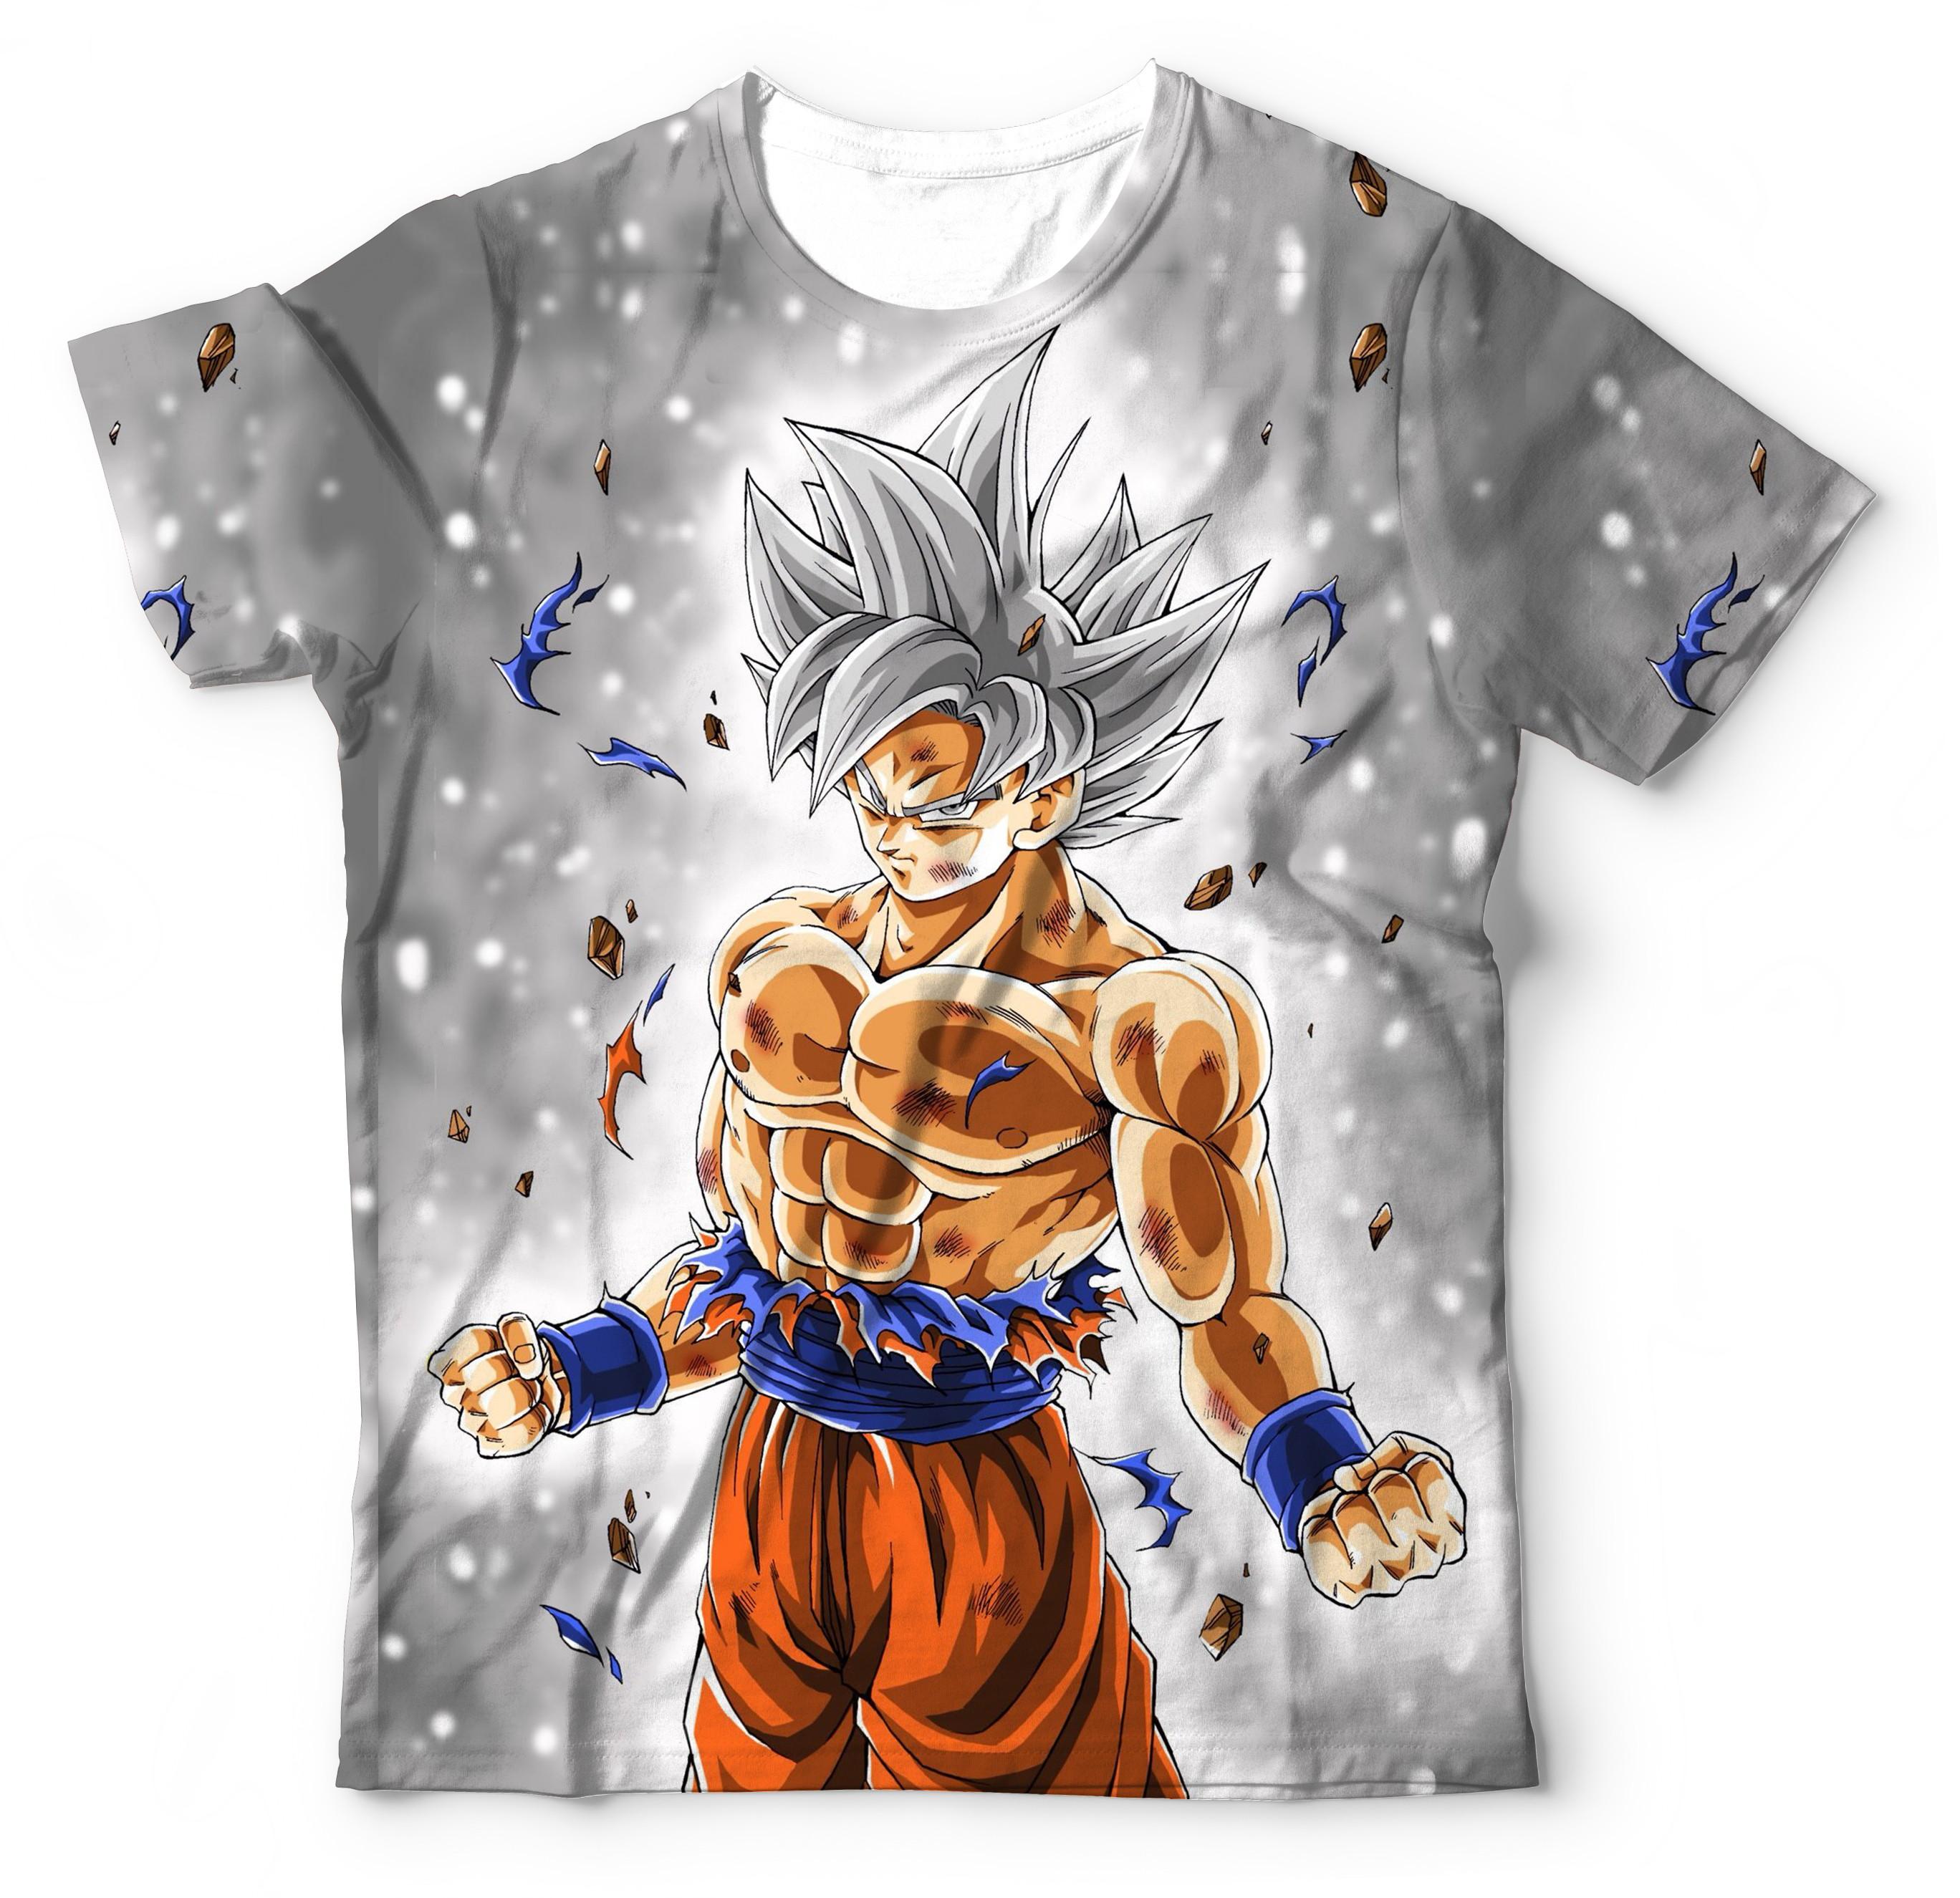 066d6f0df8 10 Camisa Camiseta Dragon Ball Super Revenda Atacado no Elo7 ...